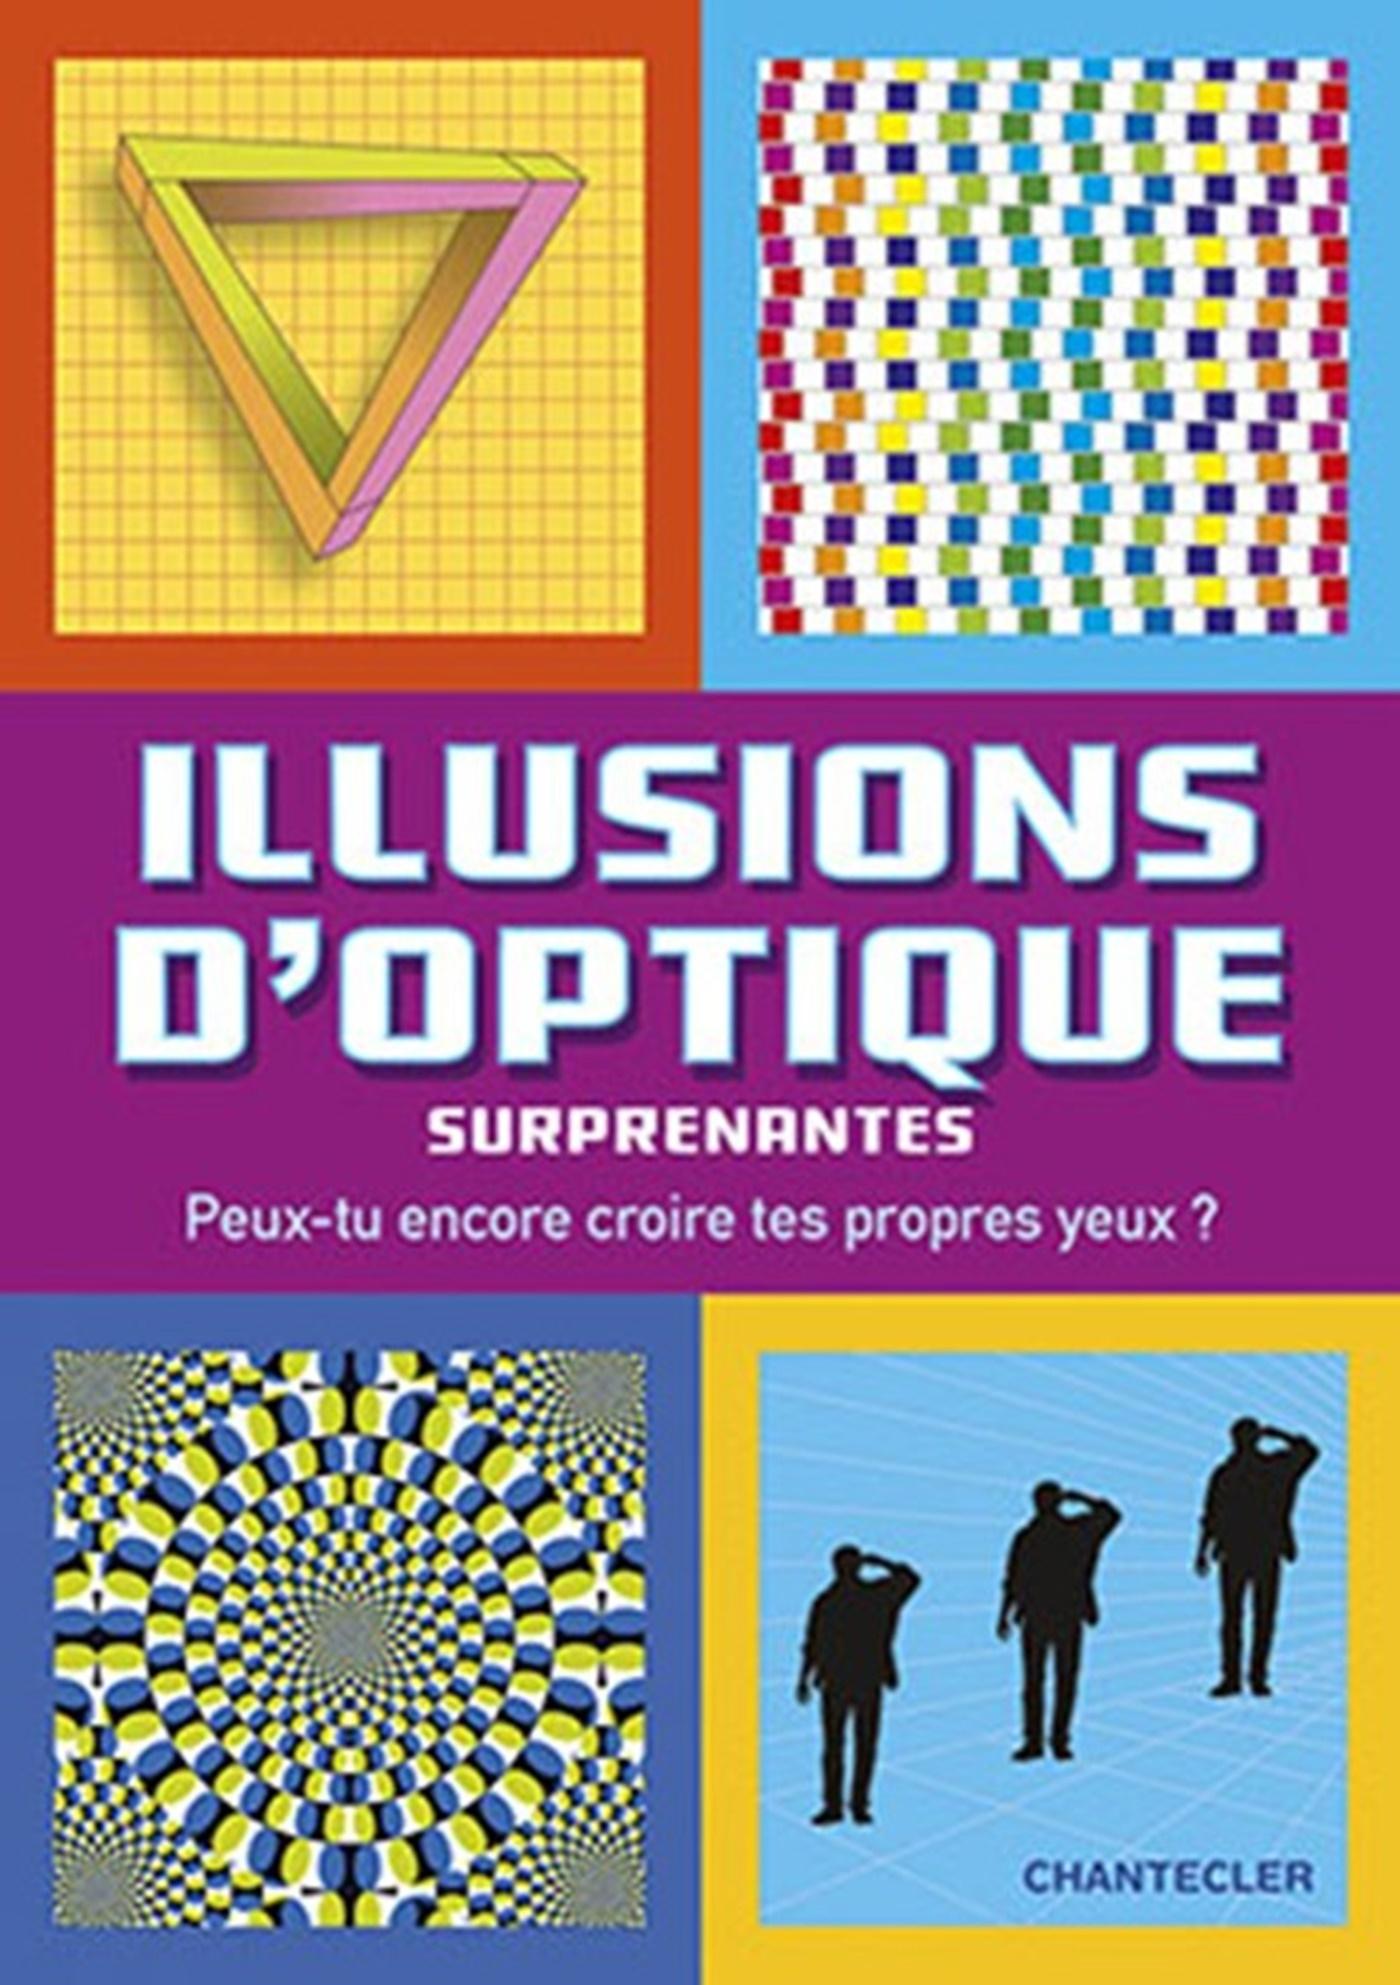 ILLUSIONS D'OPTIQUE SURPRENANTES